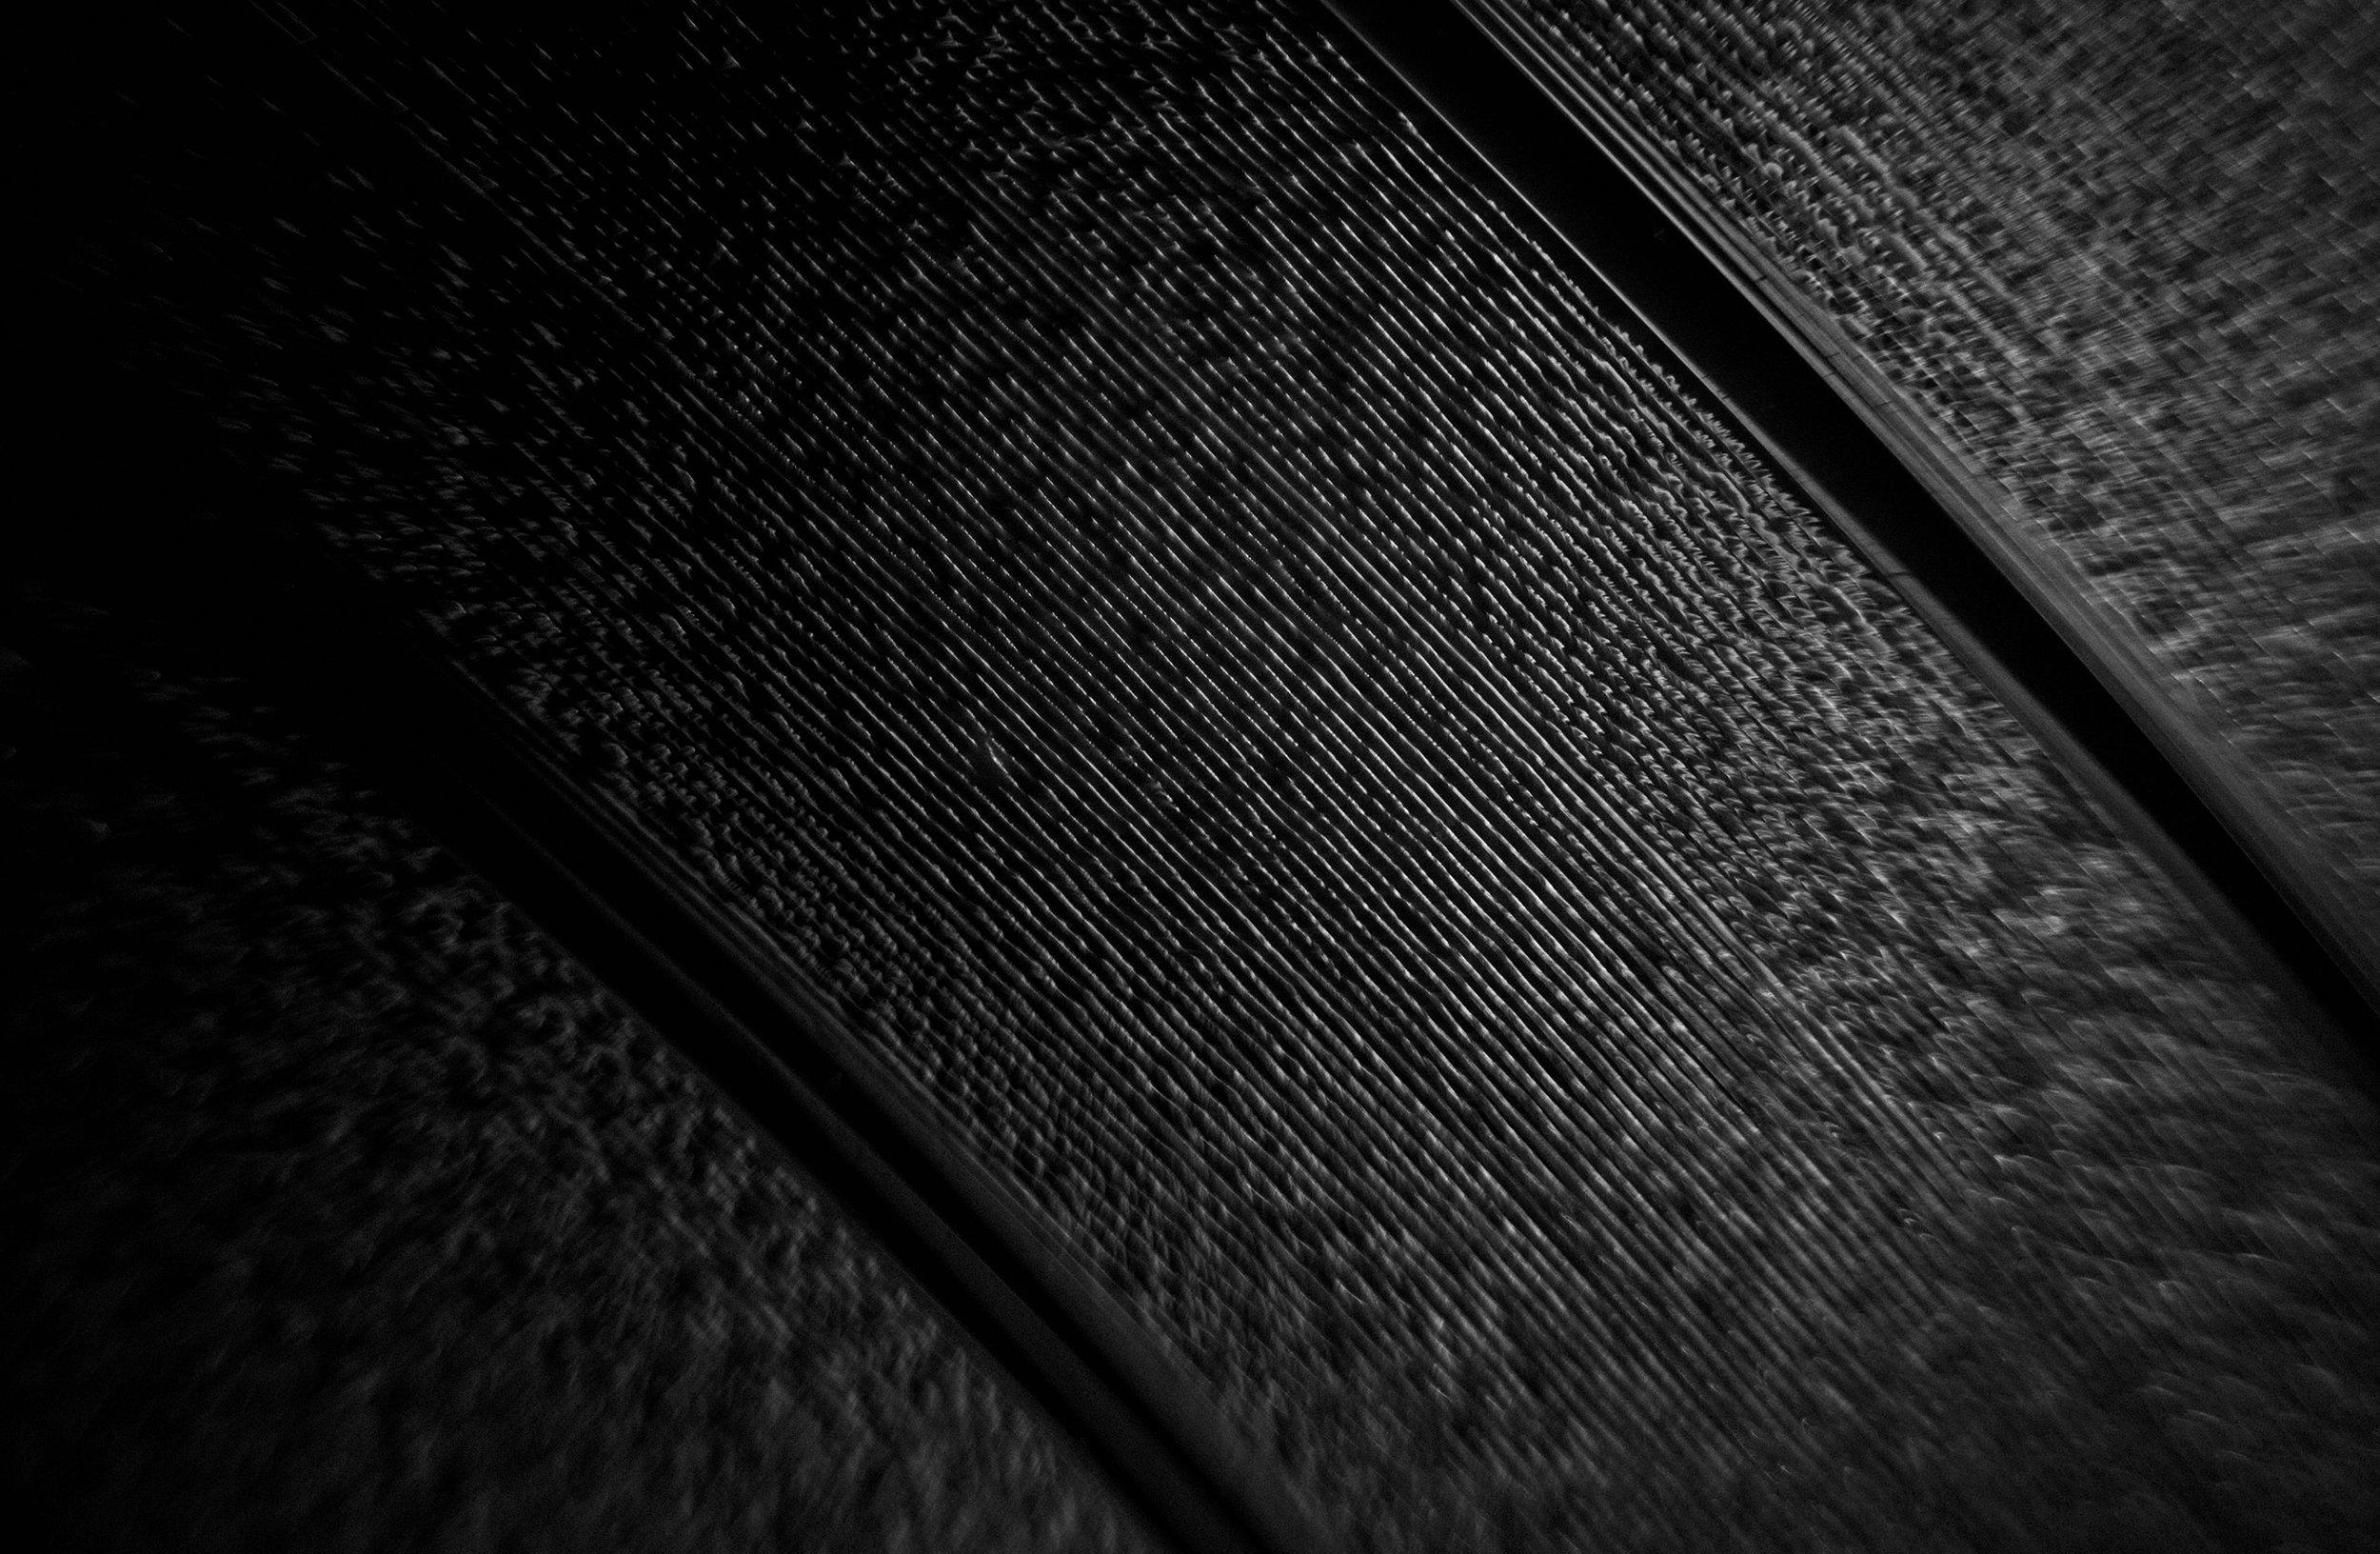 vinyl grooves.jpg